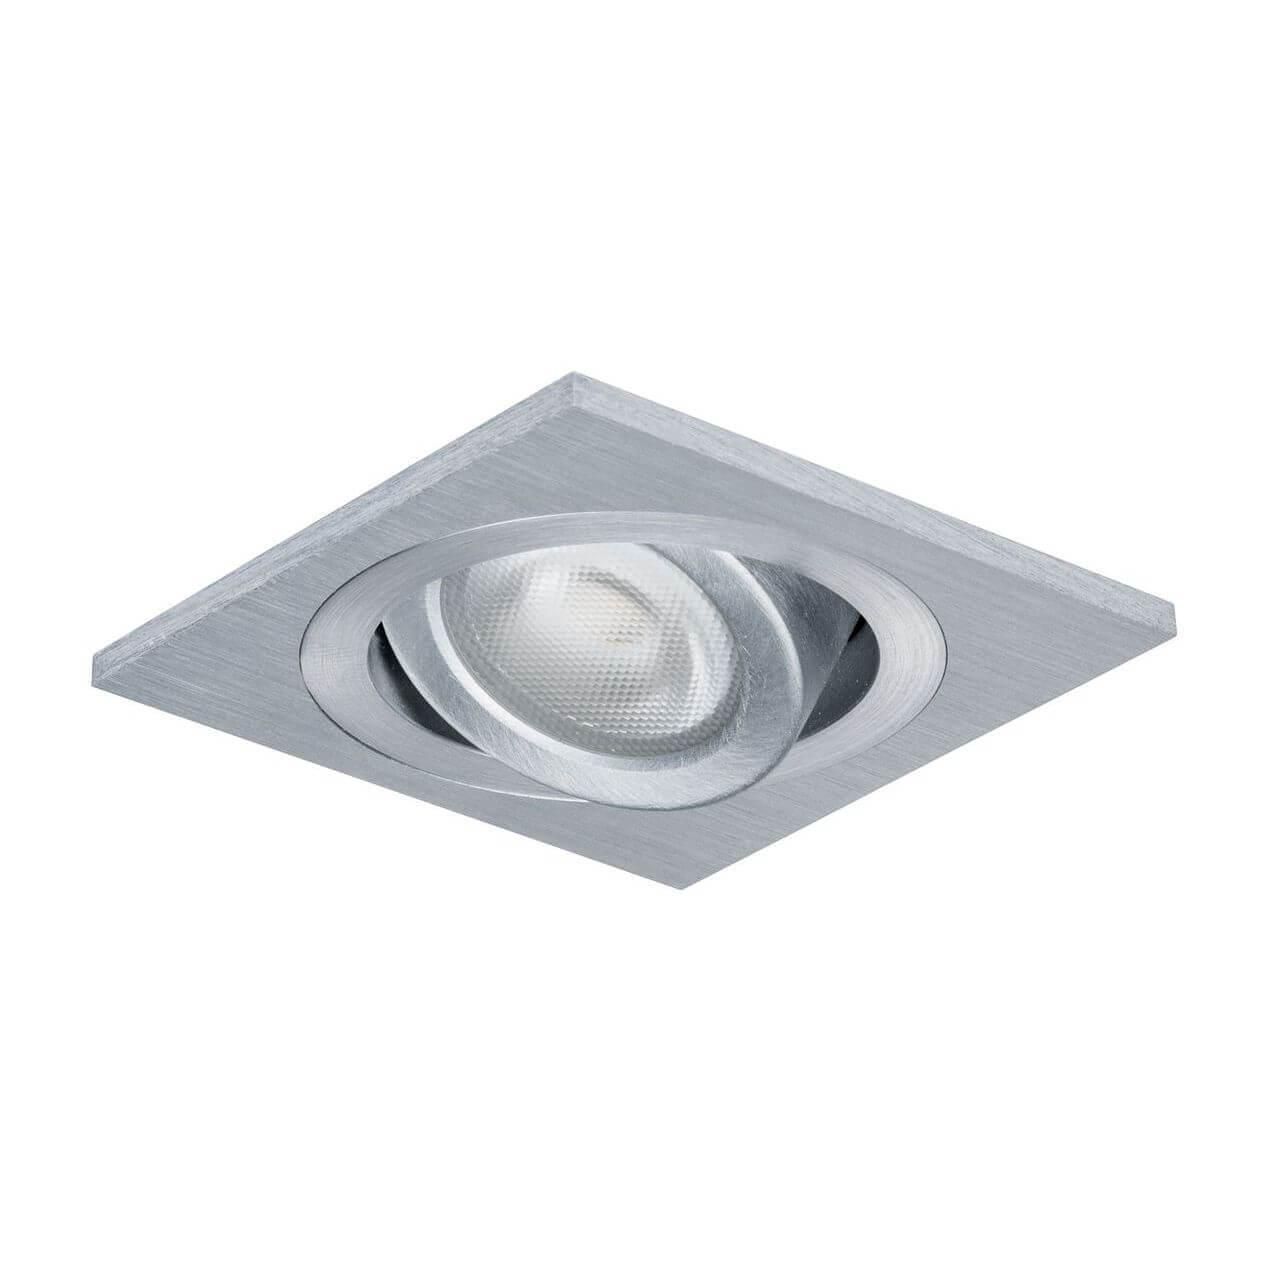 Встраиваемый светодиодный светильник Paulmann Drilled 92918 все цены